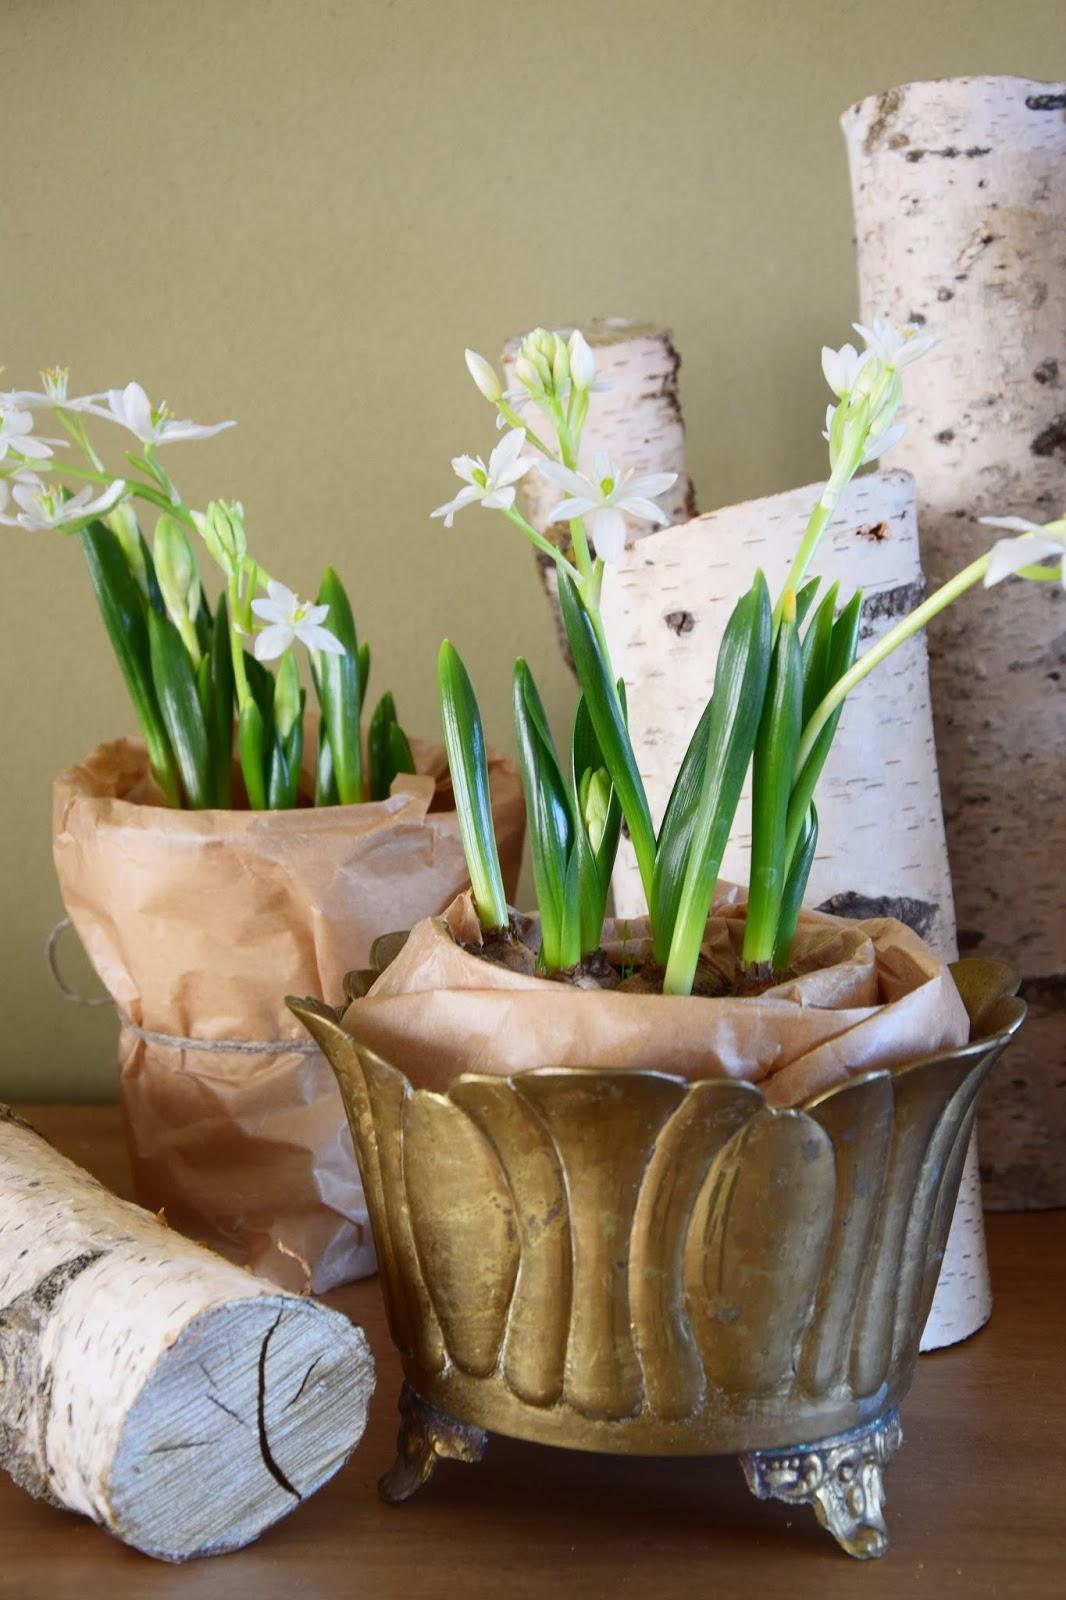 DIY Verschönerung Übertopf Übertöpfe Vasen für den Frühling. Dekoidee Deko Dekoration mit Frühjahrsblühern